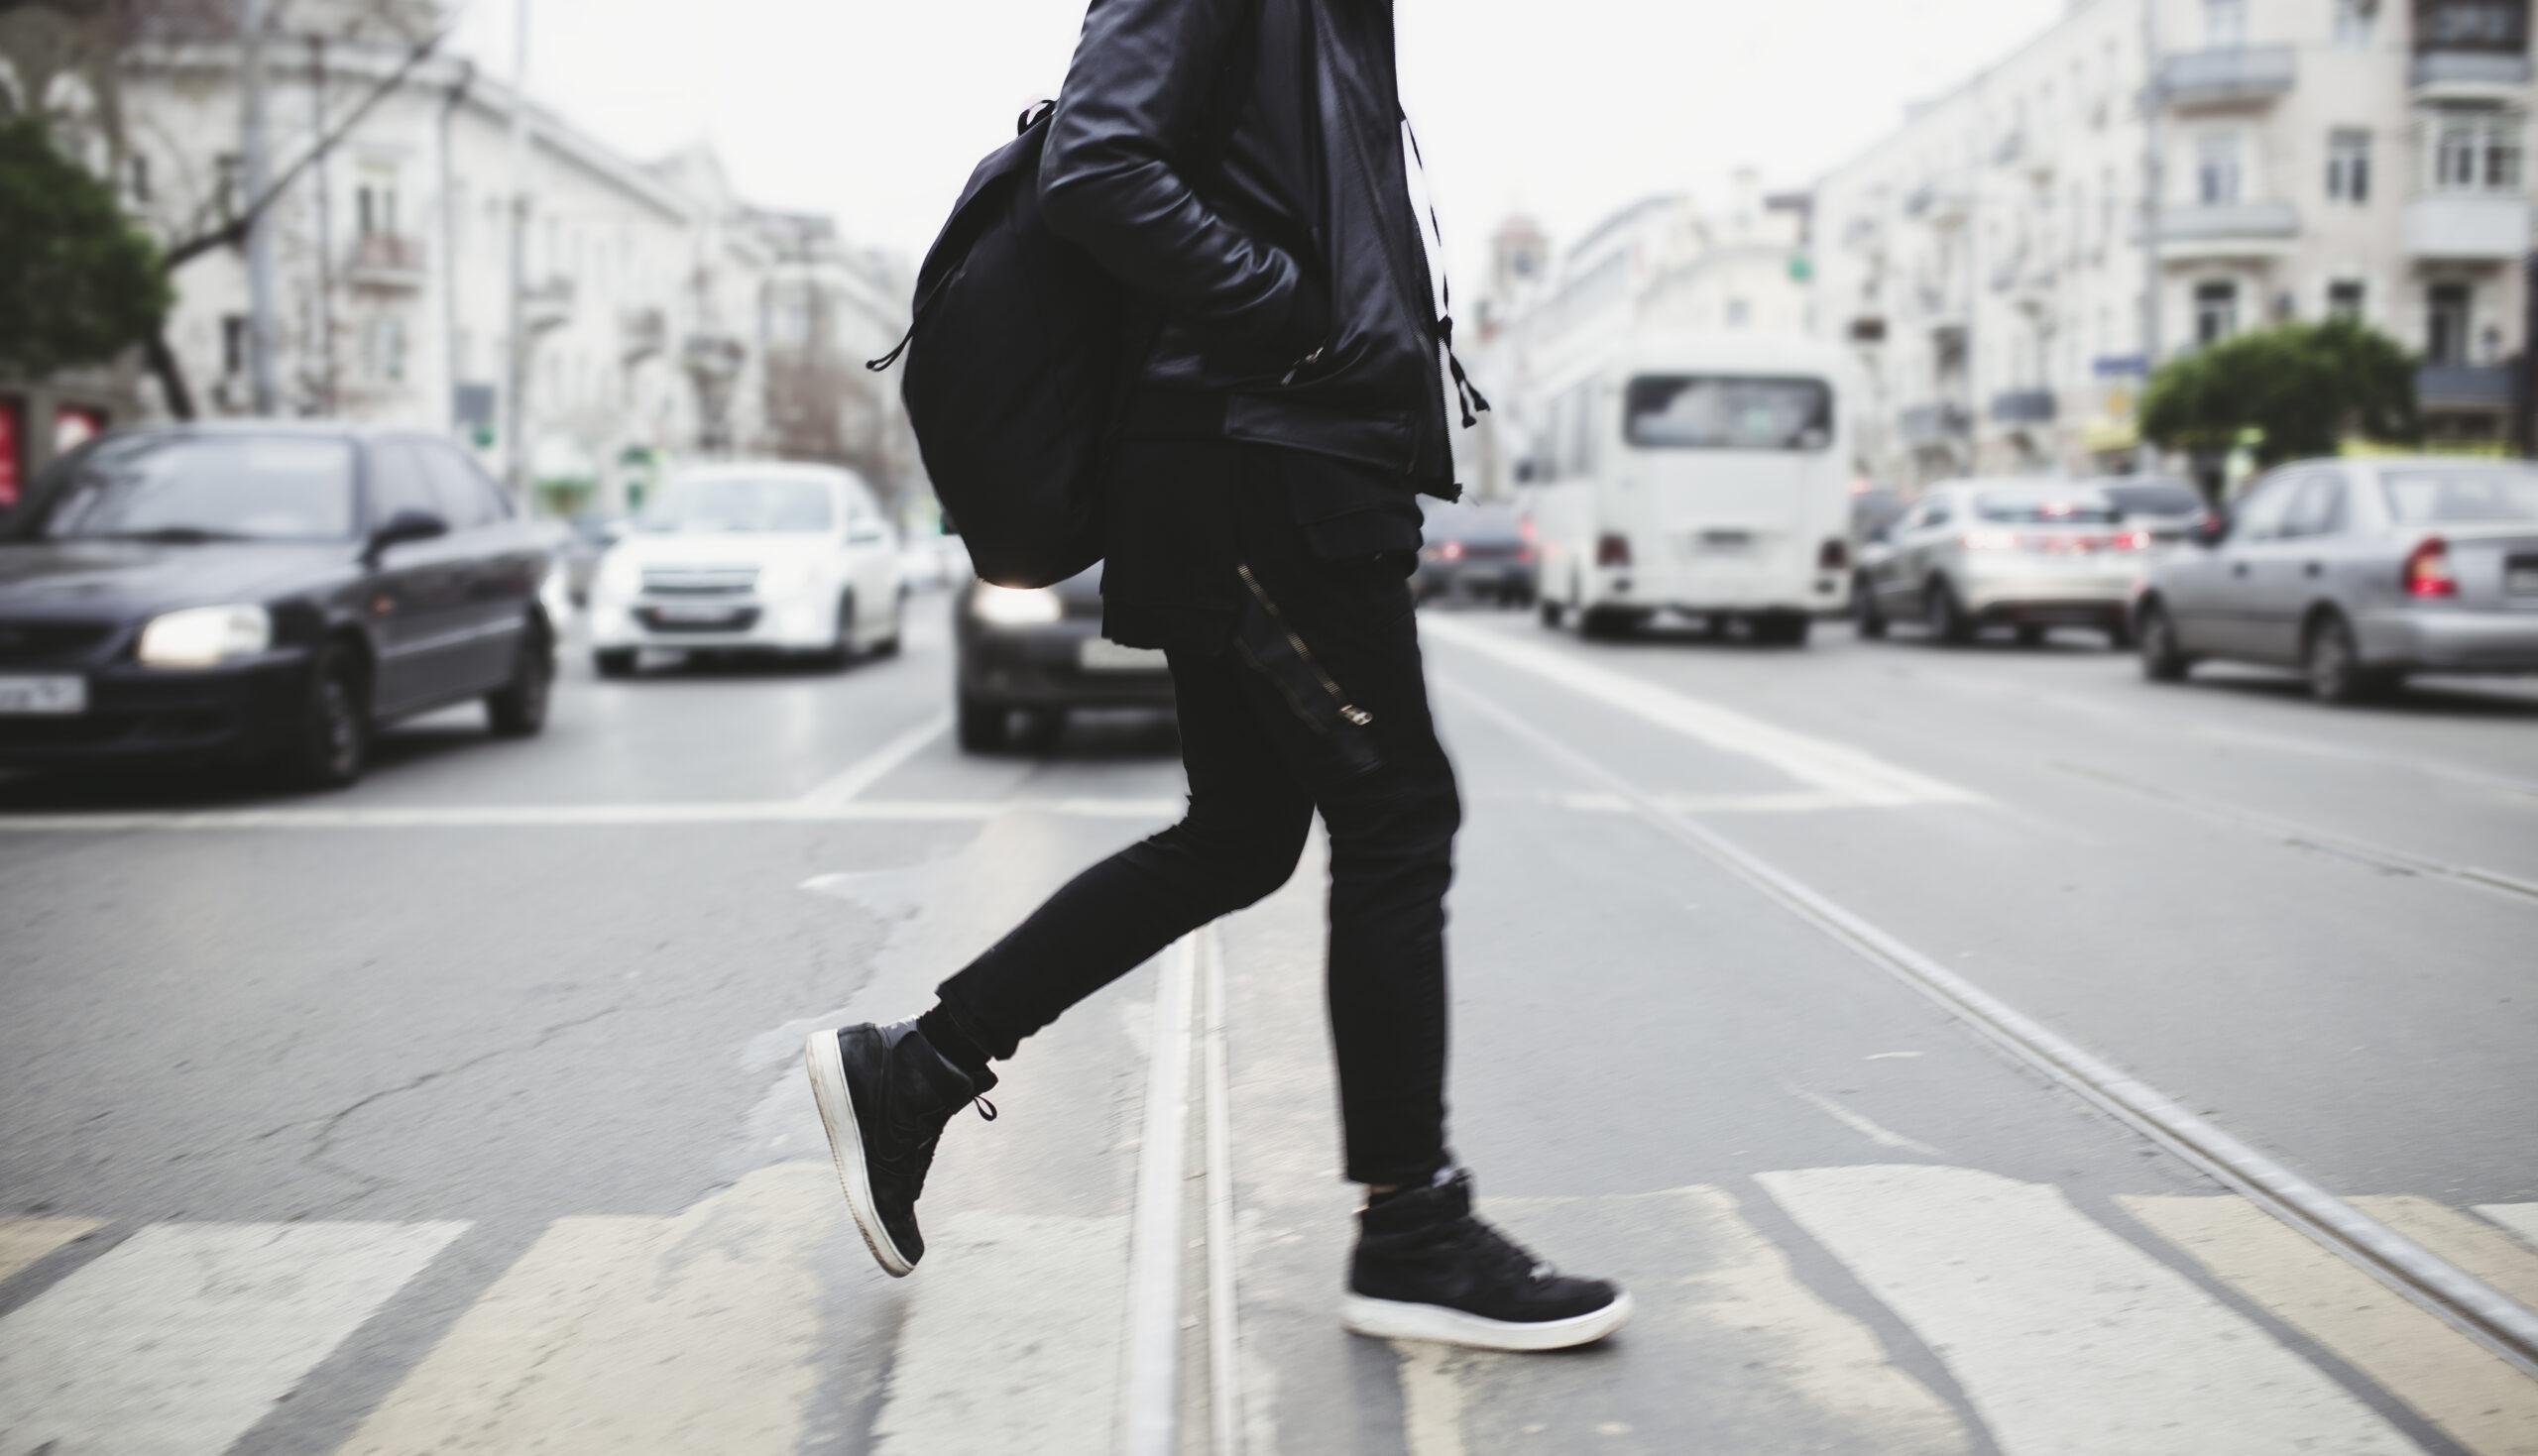 Raport trendów: co warto nosić jesienią? Stylizacje 2021